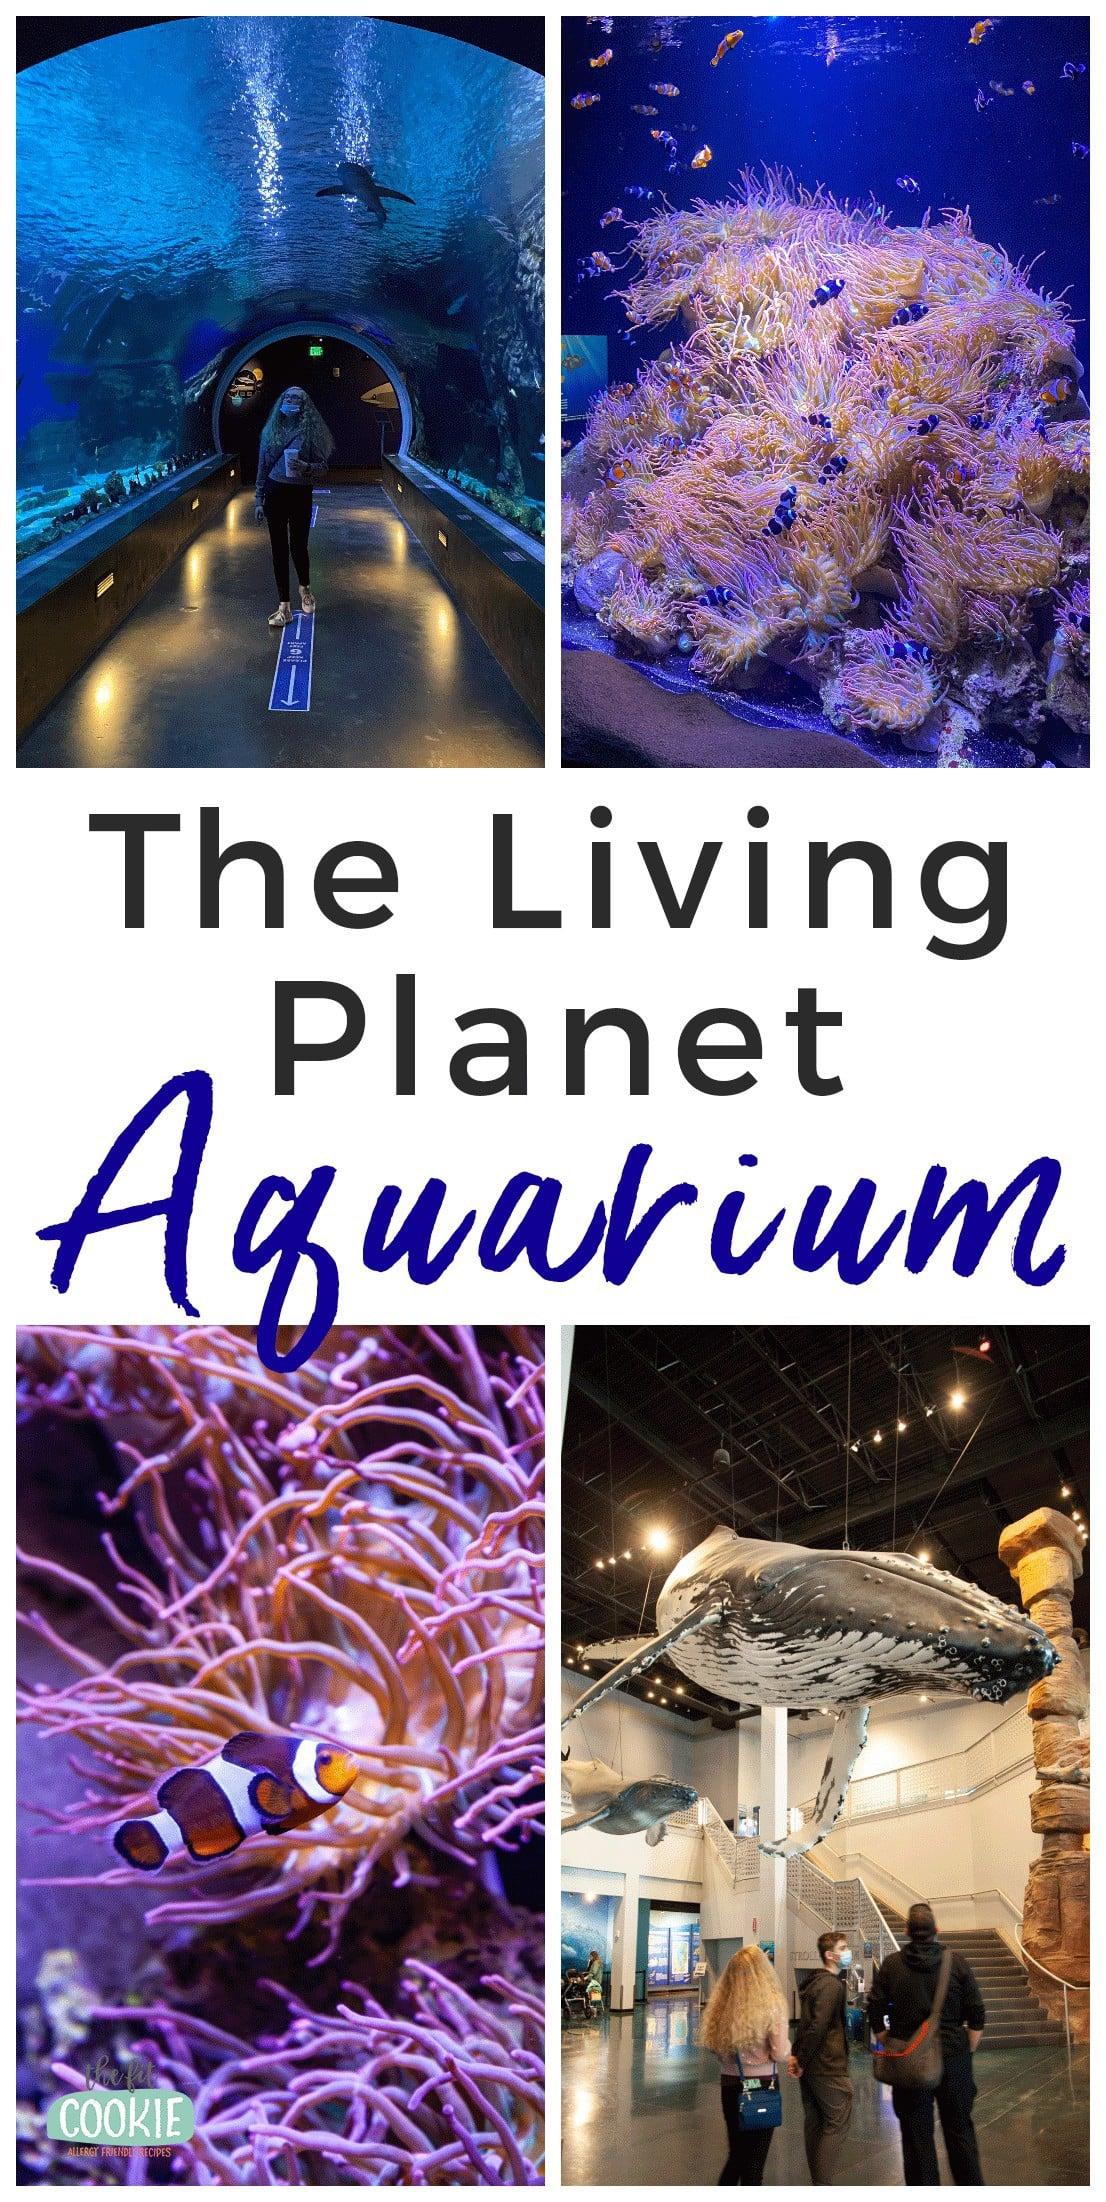 photo collage of living planet aquarium